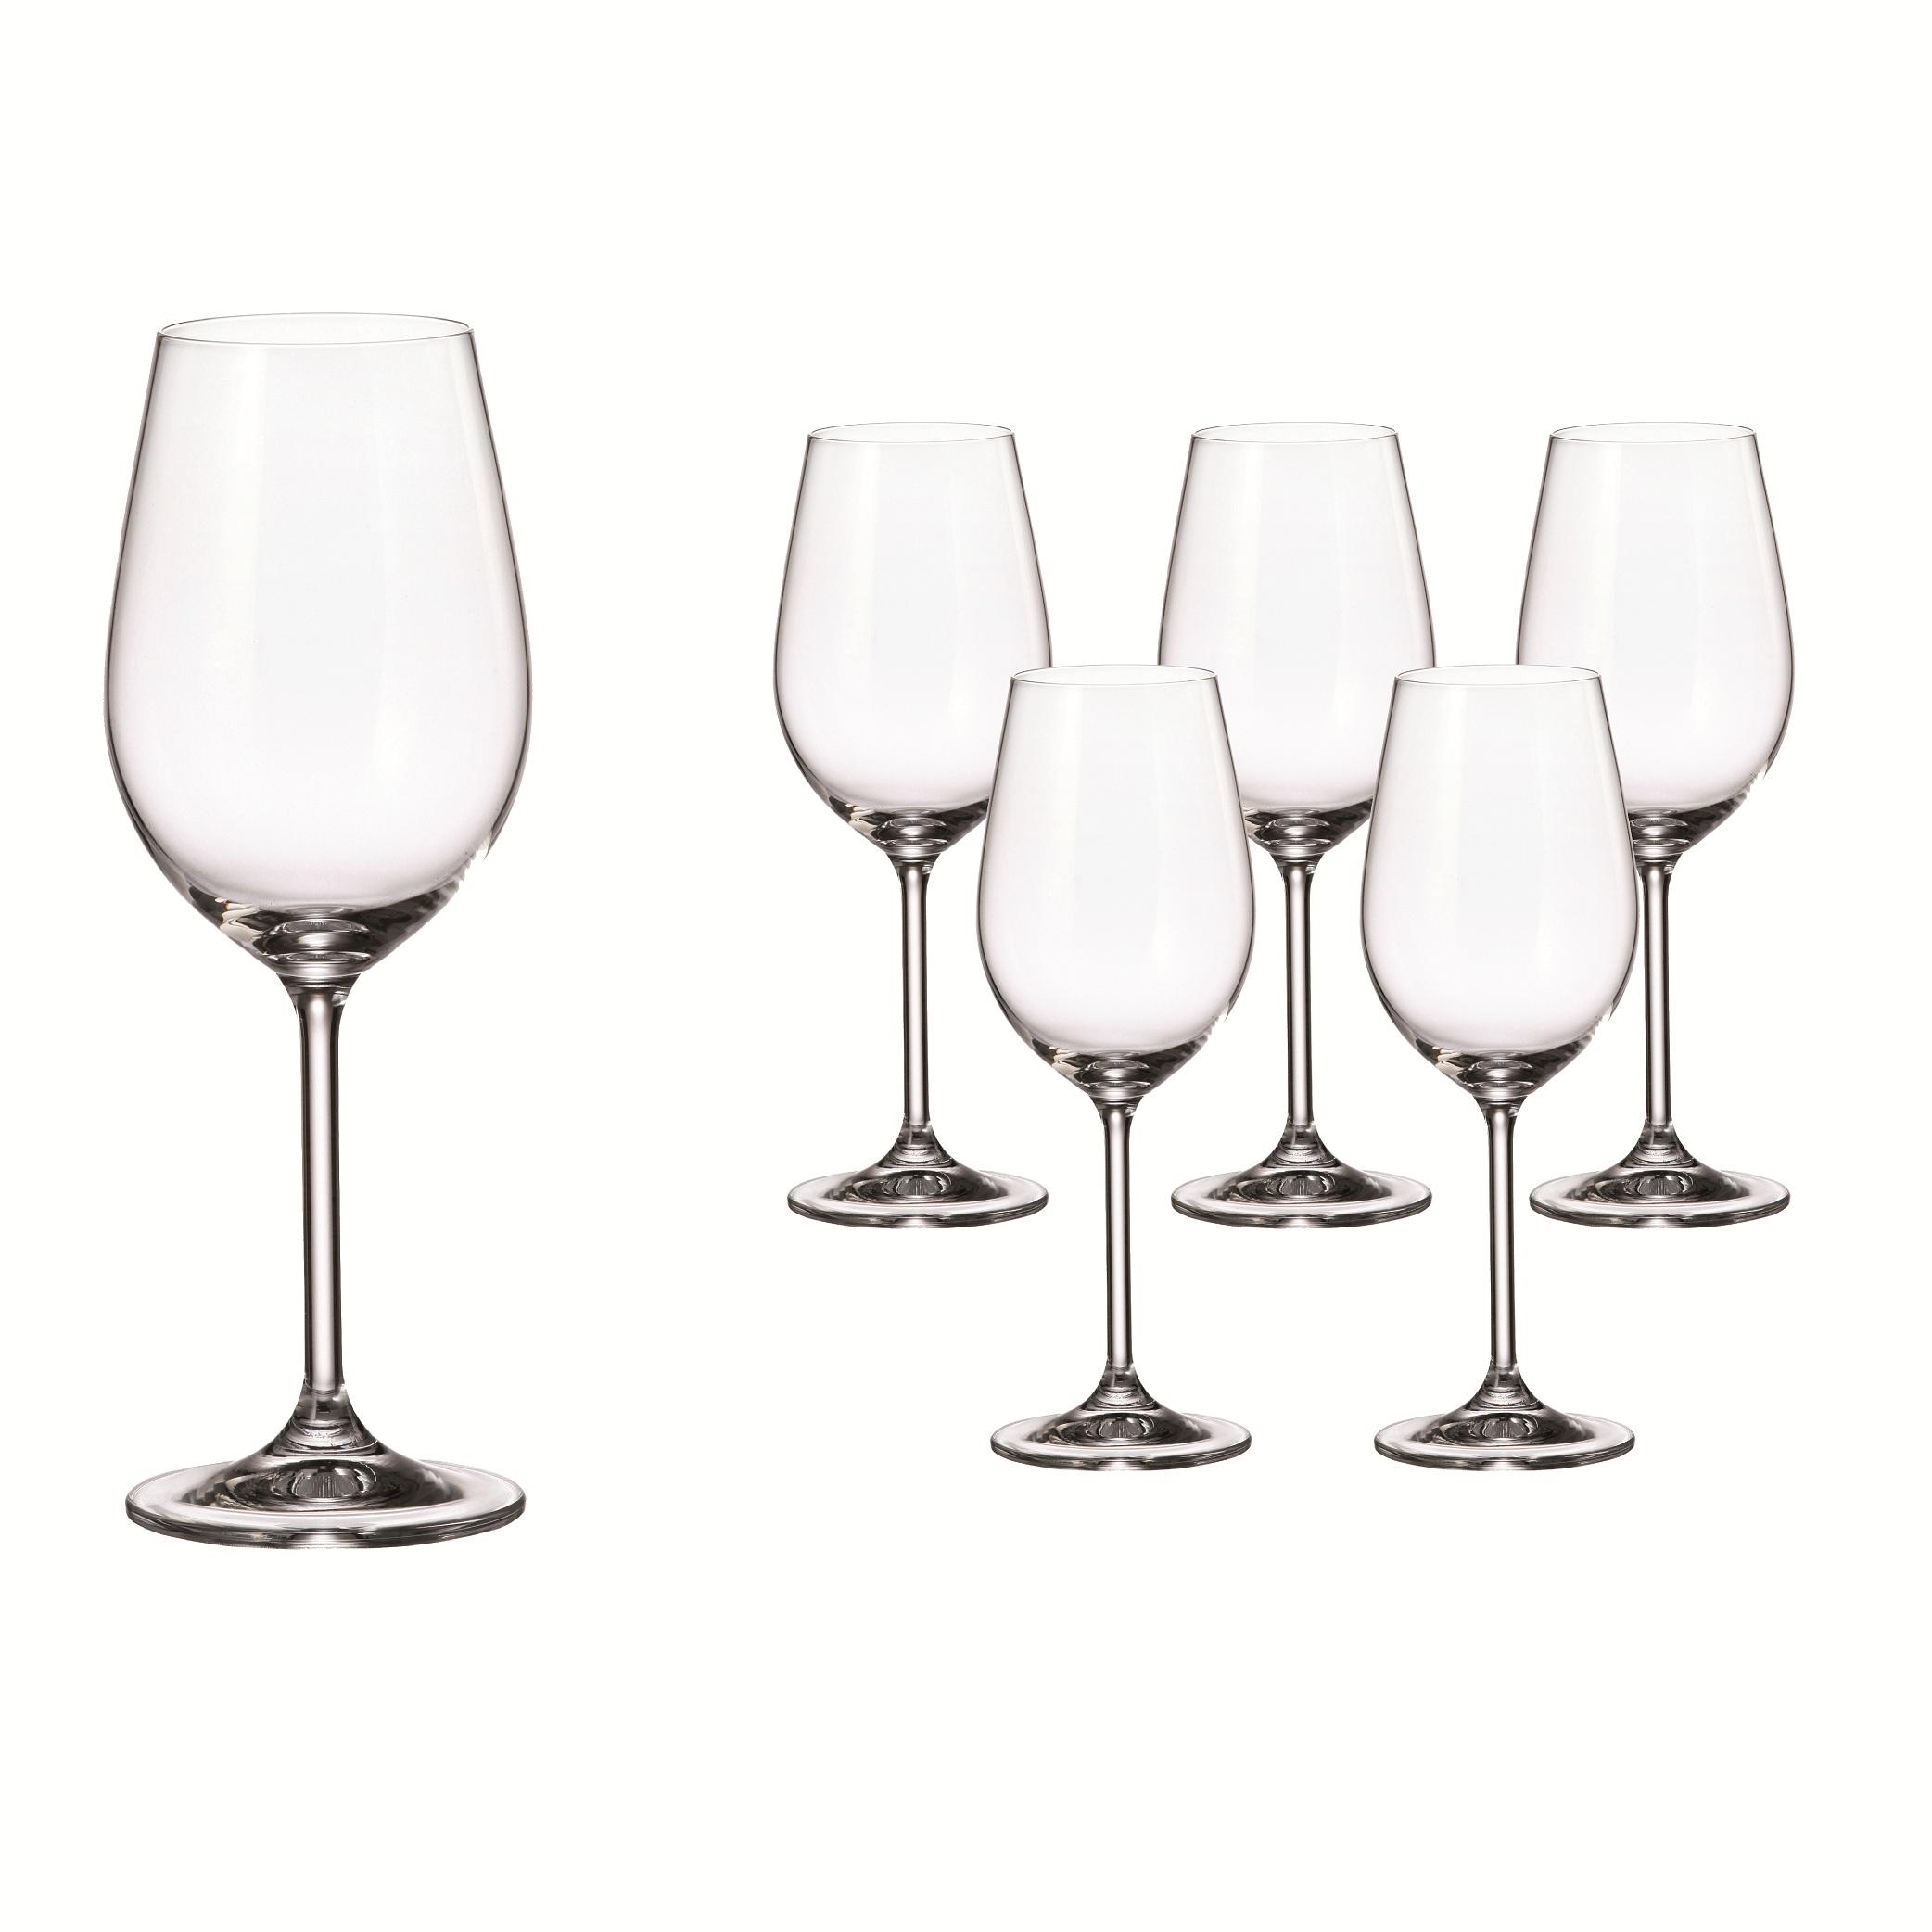 SET 6 COPAS DE VINO BLANCO Cristal de Bohemia